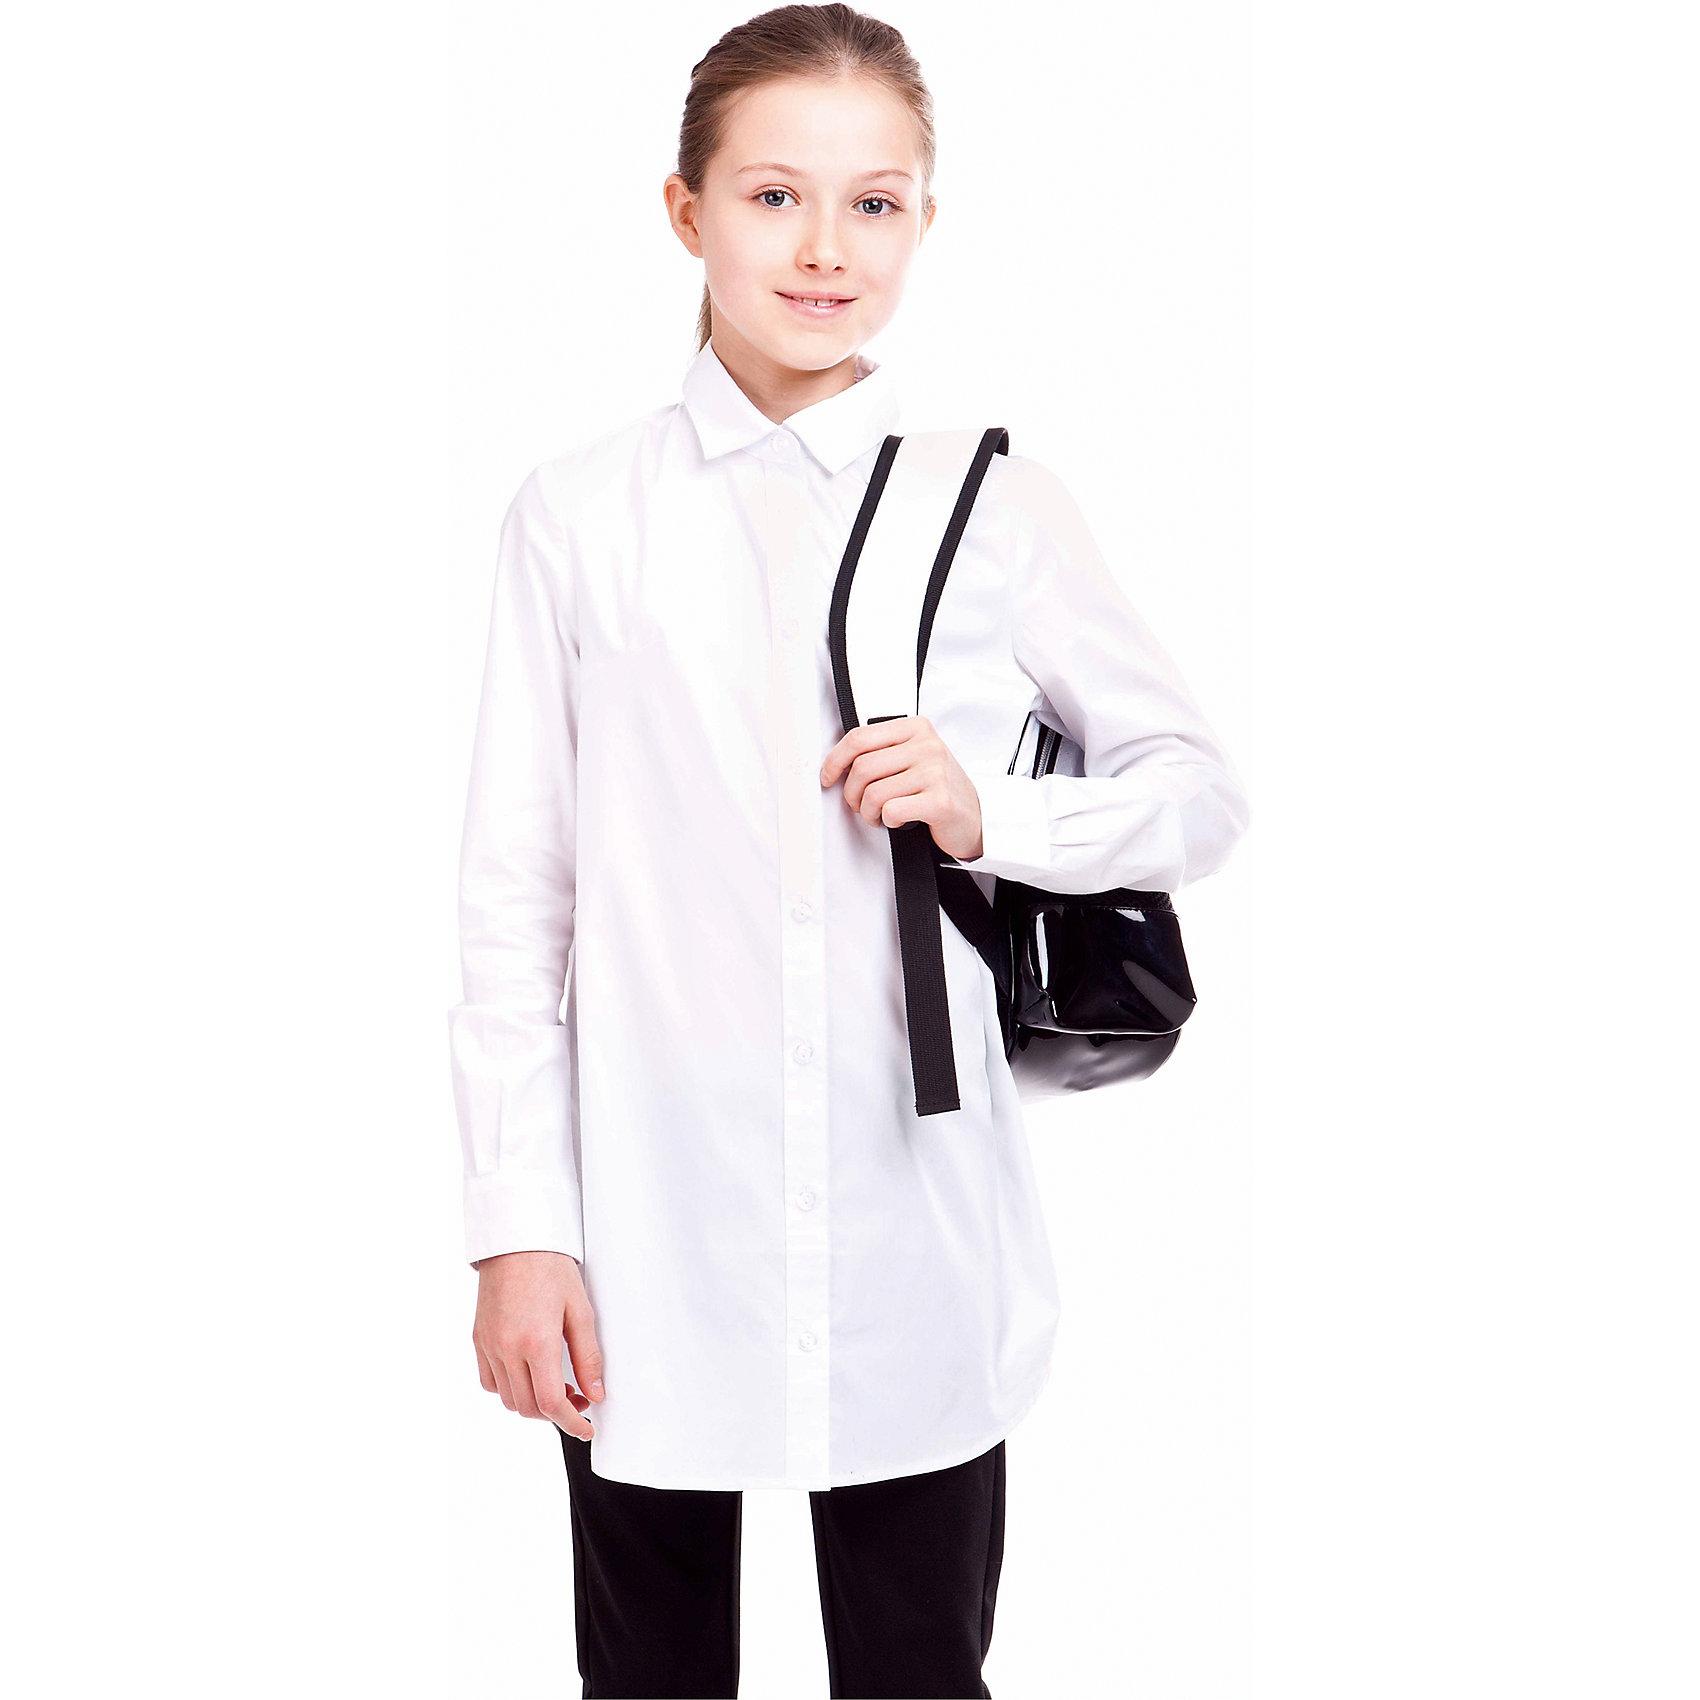 Блузка Gulliver для девочкиБлузки и рубашки<br>Какими должны быть красивые блузки для девочек? Приталенными или прямыми, строгими или с декором, с рисунком или без? Школьные блузки 2017 могут быть разными! В том числе, удлиненными, свободного силуэта, которые носятся только навыпуск. Белая школьная блузка сделает образ свежим, интересным, необычным и подарит бесконечный комфорт. К тому же, она идеально подходит девочкам с нестандартной фигурой, гарантируя прекрасный внешний вид и уверенность в себе. Купить школьную блузку свободного силуэта стоит в сочетании с темными школьными брюками. И в будни, и в праздники такой комплект будет смотреться стильно, свежо, интересно.<br>Состав:<br>68%хлопок, 29% полиэстер, 3%эластан<br><br>Ширина мм: 186<br>Глубина мм: 87<br>Высота мм: 198<br>Вес г: 197<br>Цвет: белый<br>Возраст от месяцев: 120<br>Возраст до месяцев: 132<br>Пол: Женский<br>Возраст: Детский<br>Размер: 146,122,128,134,140<br>SKU: 7029951